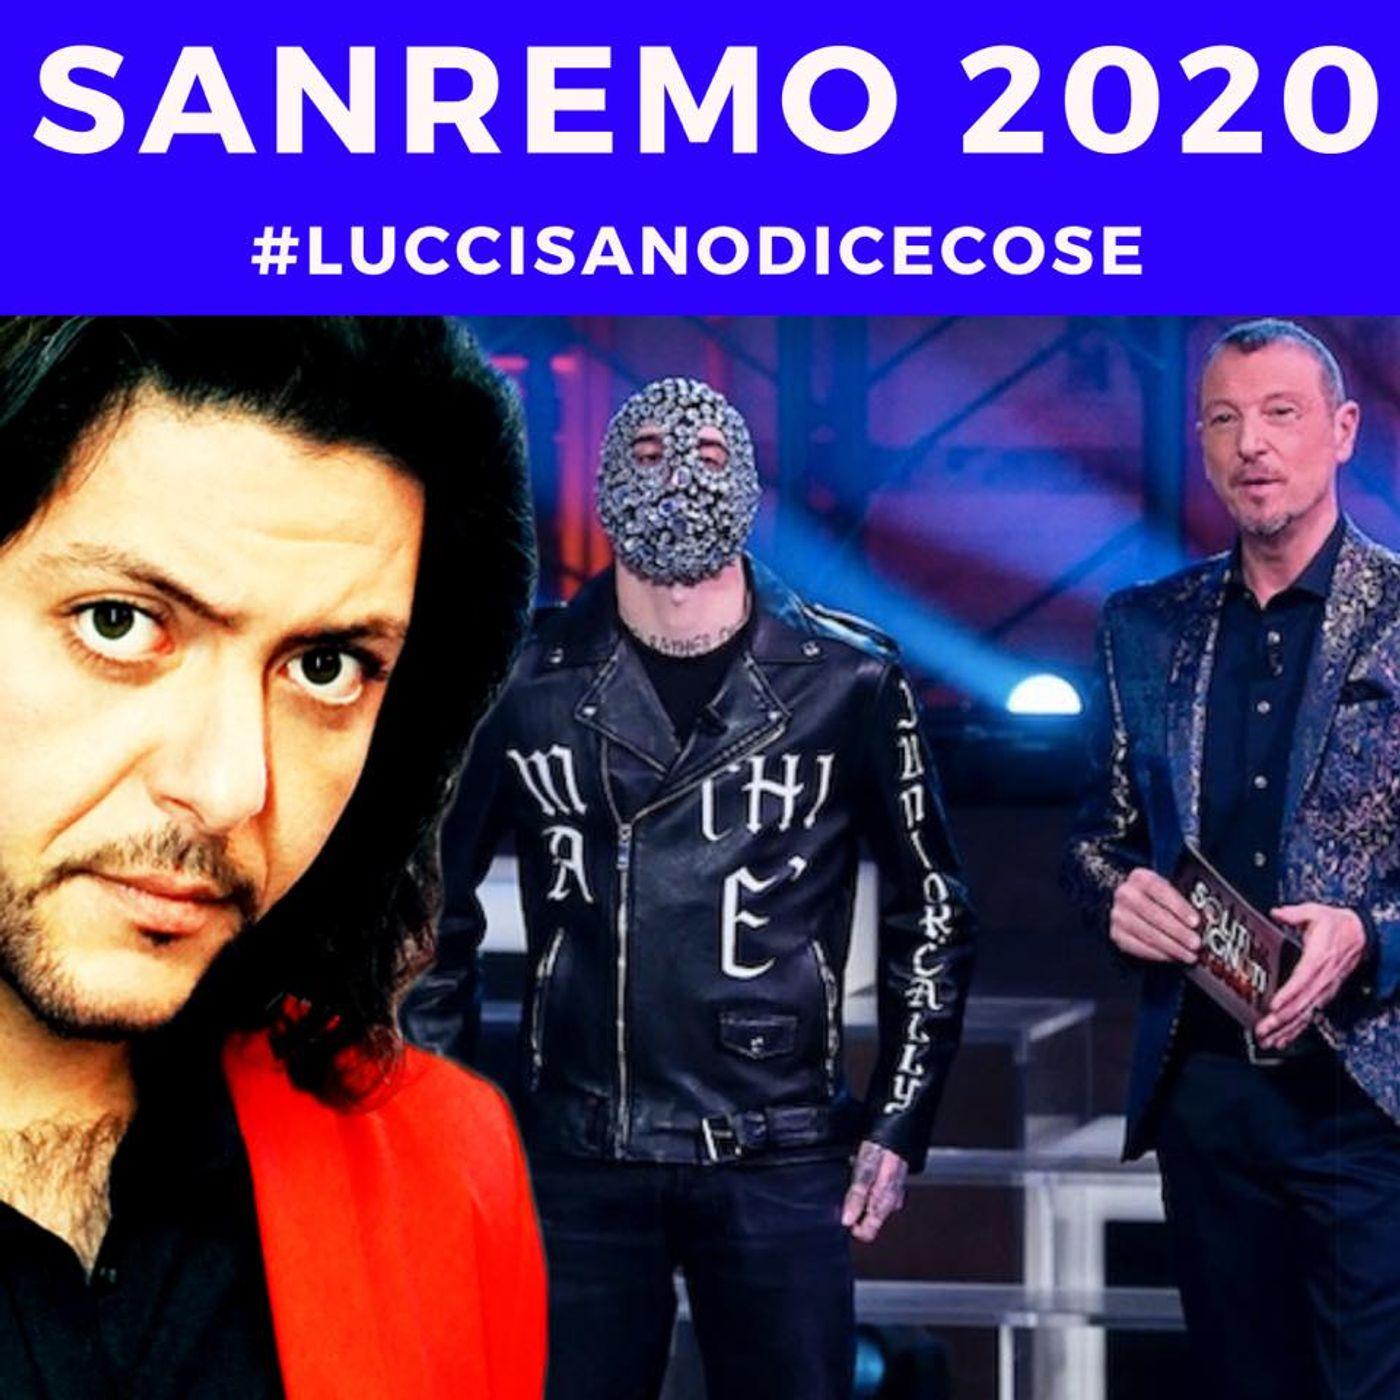 Sanremo 2020 by Emiliano Luccisano